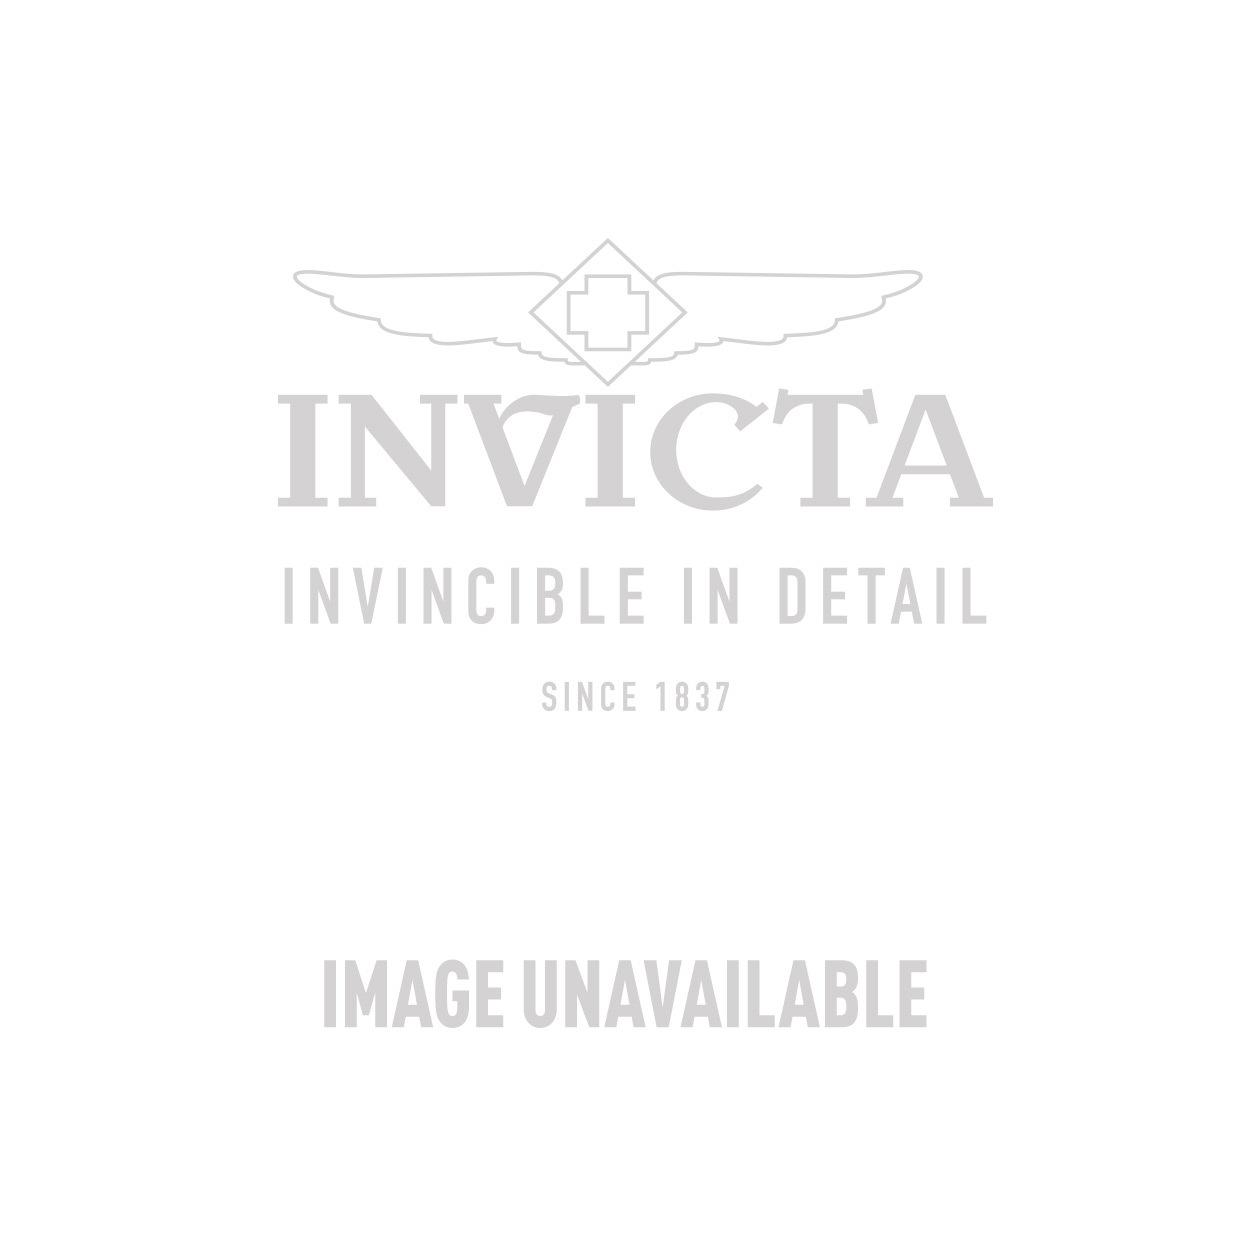 Invicta Model 24241